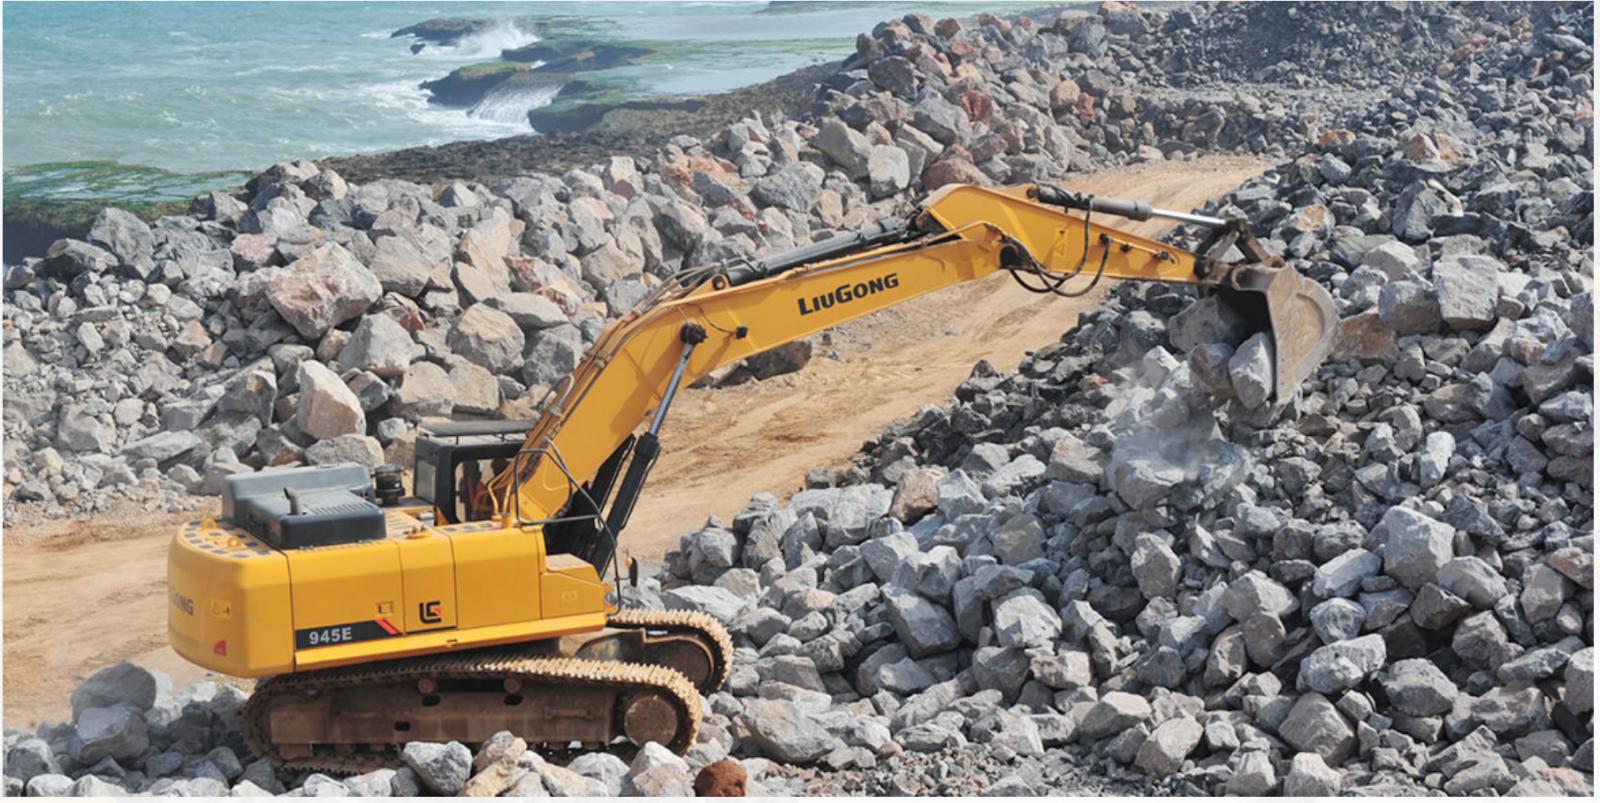 Máy xúc đào LiuGong 950E